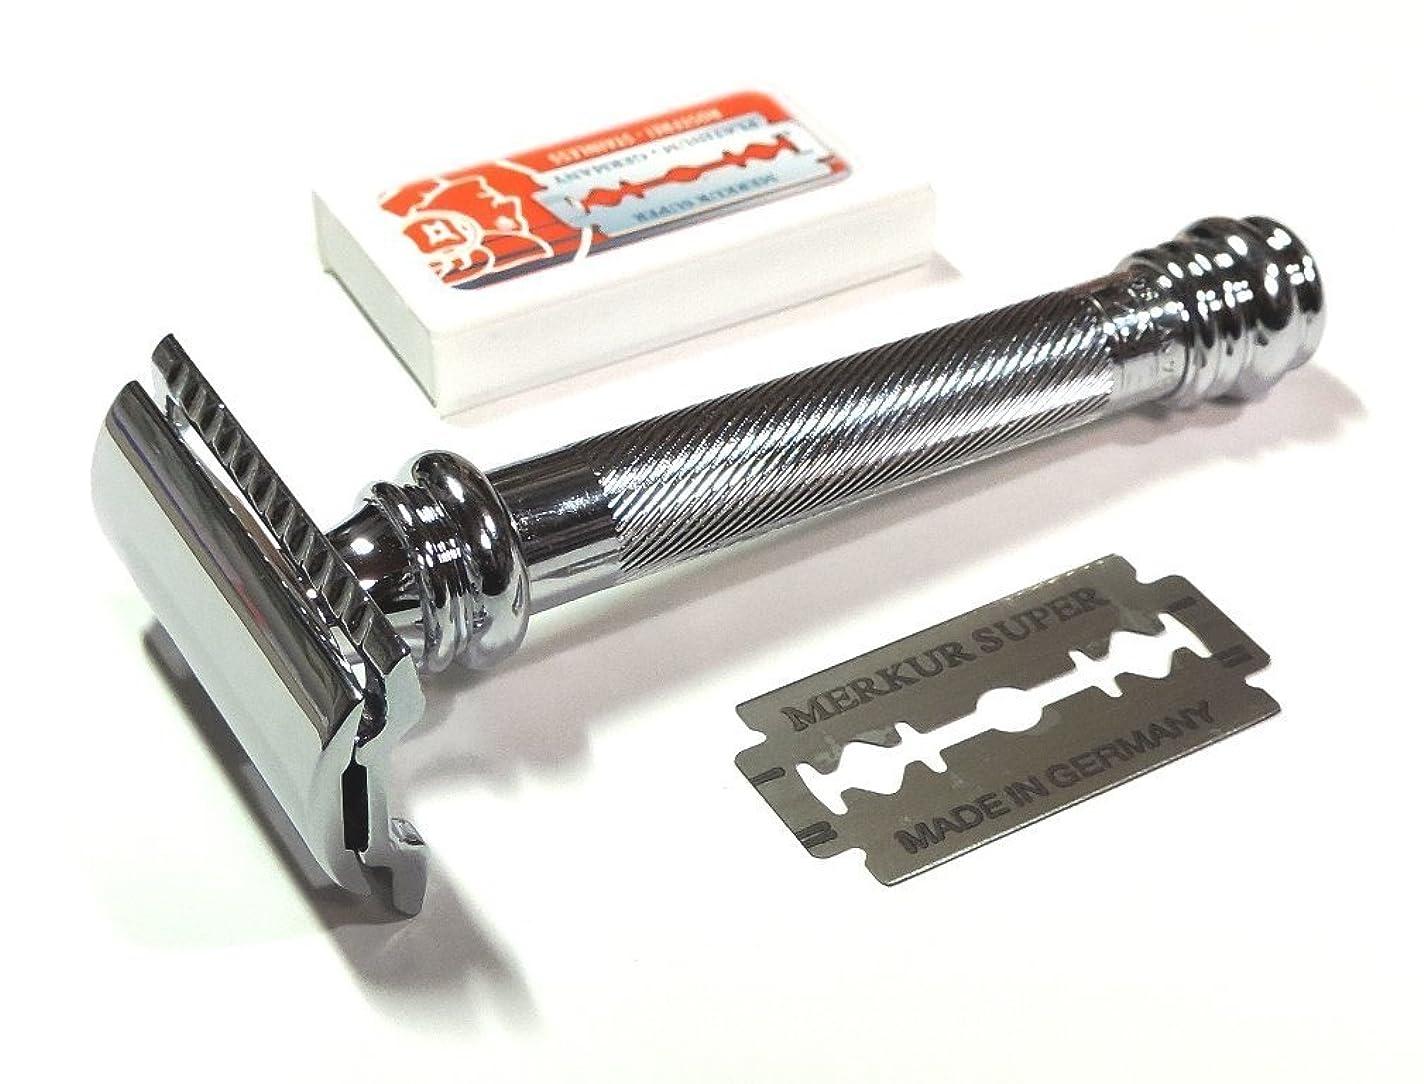 幸運鏡石膏メルクールMERKUR(独)髭剃り(ひげそり)両刃ホルダー38C エレガントクロム 替刃10+1枚付